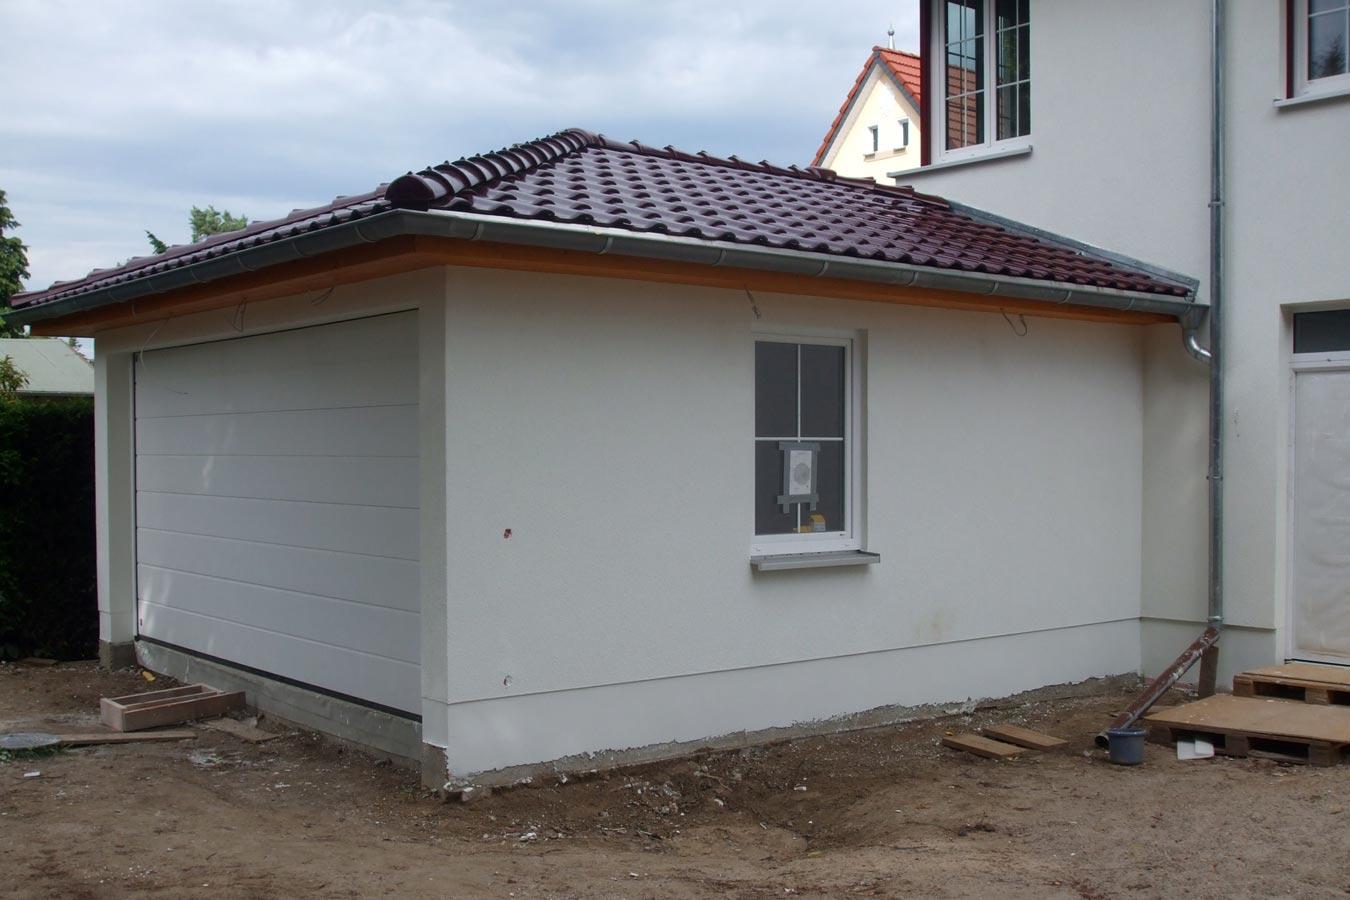 bodenplatte f r garage kosten f r die bodenplatte einer garage ein preisbeispiel bodenplatte. Black Bedroom Furniture Sets. Home Design Ideas